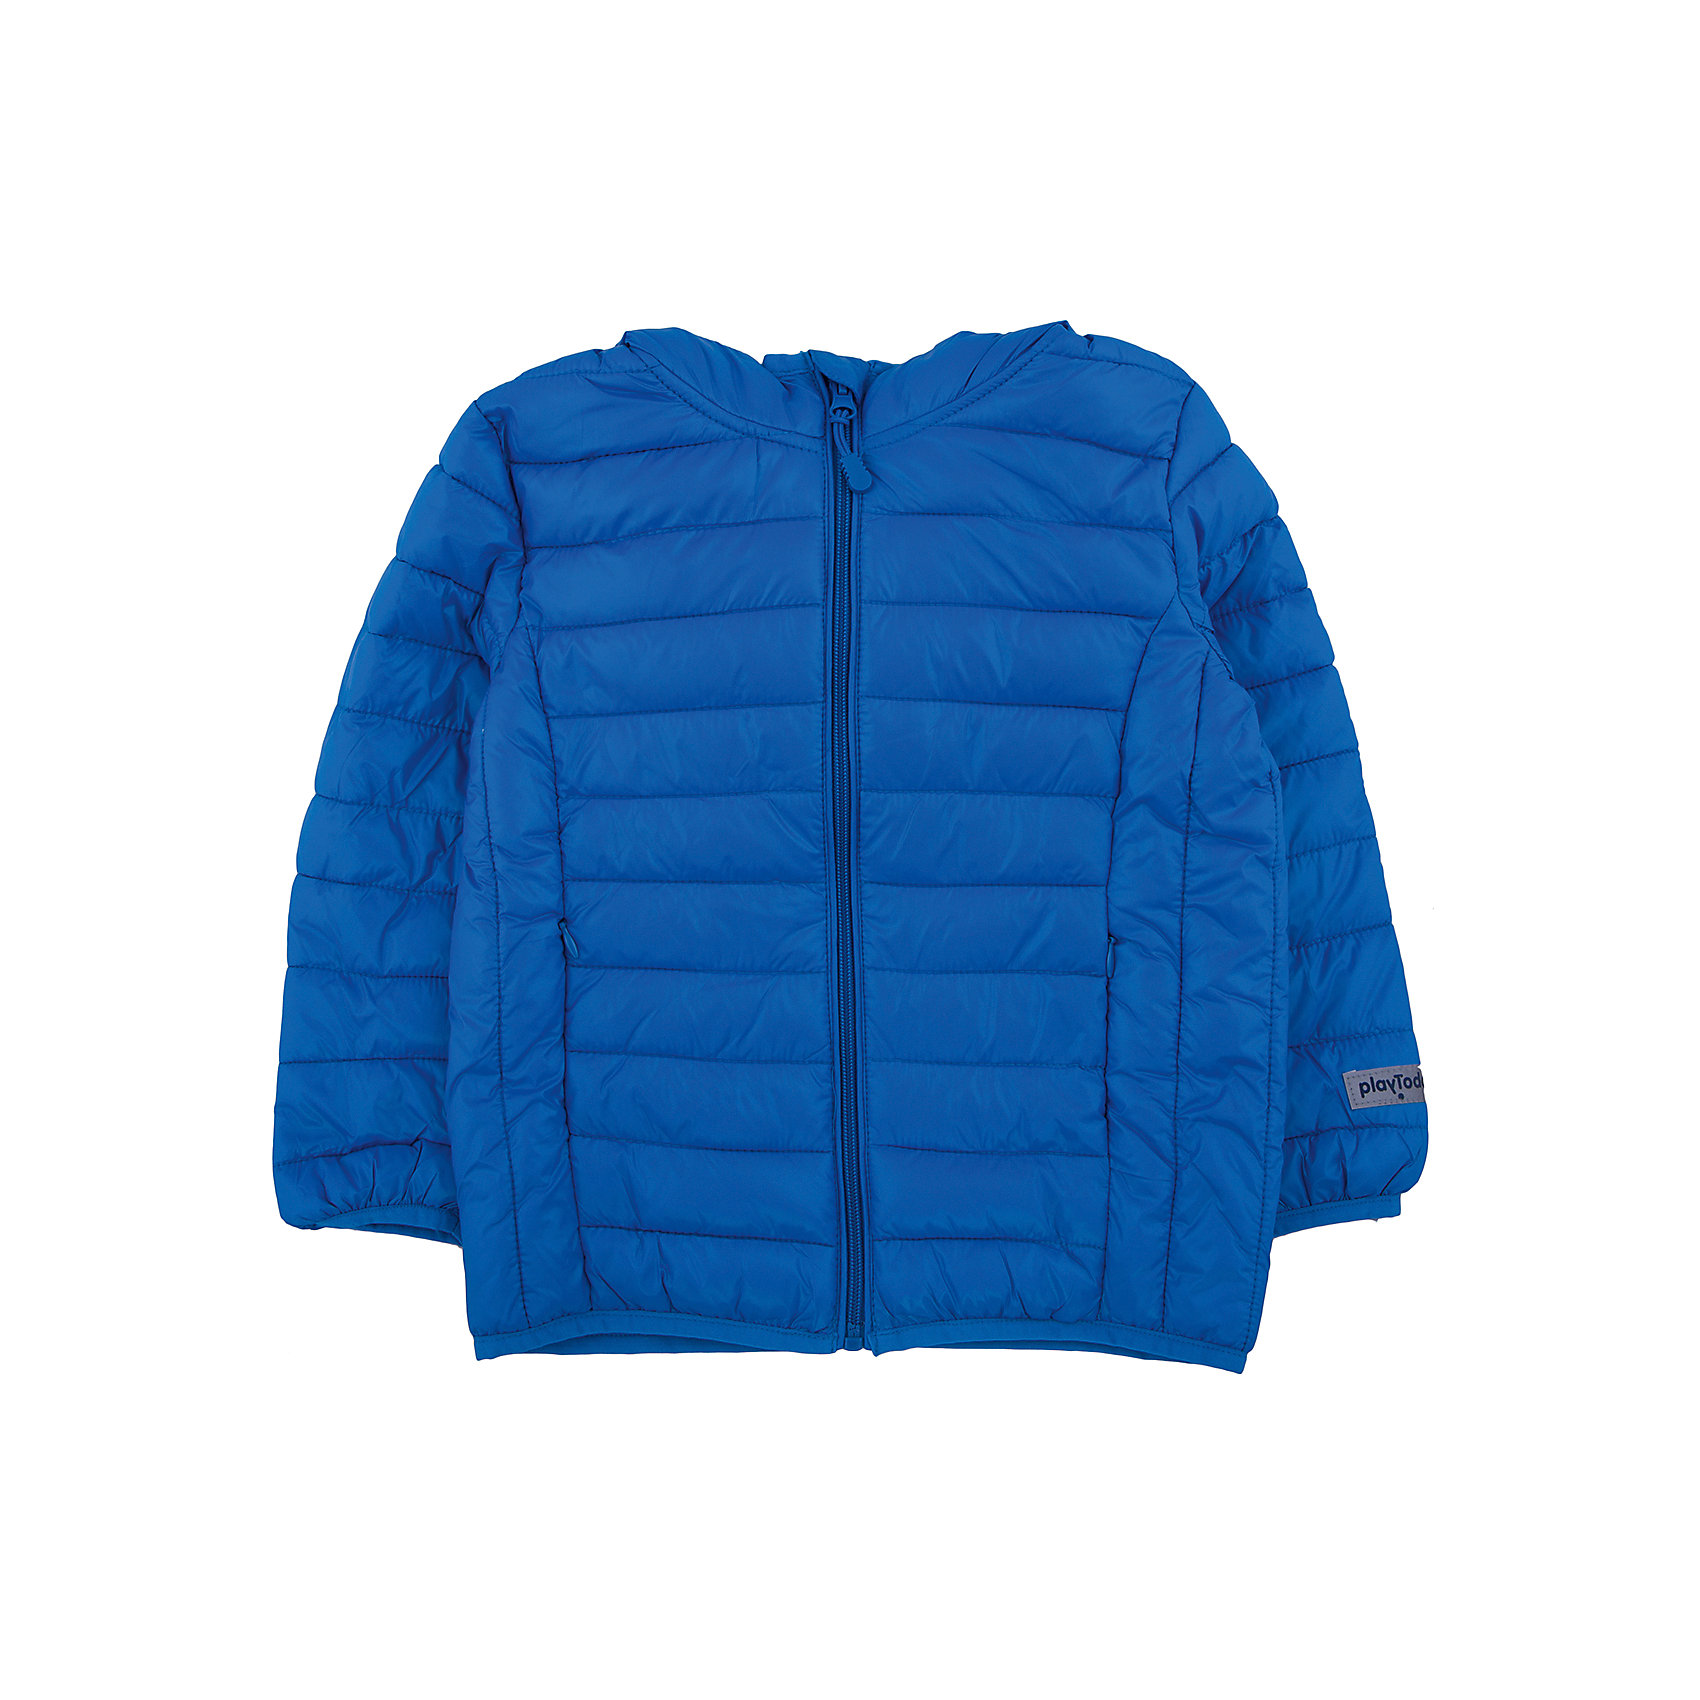 Куртка для мальчика PlayTodayВерхняя одежда<br>Куртка для мальчика от известного бренда PlayToday.<br>Уютная теплая куртка с капюшоном. Застегивается на молнию с внутренней ветрозащитной планкой и защитой подбородка. Украшена стильным принтом с микросхемами. Рукава и низ на резинке, капюшон утягивается стопперами.<br>Состав:<br>Верх: 100% нейлон, подкладка: 100% нейлон, наполнитель: 100% полиэстер, 150 г<br><br>Ширина мм: 356<br>Глубина мм: 10<br>Высота мм: 245<br>Вес г: 519<br>Цвет: синий<br>Возраст от месяцев: 72<br>Возраст до месяцев: 84<br>Пол: Мужской<br>Возраст: Детский<br>Размер: 122,104,128,116,110,98<br>SKU: 4896724